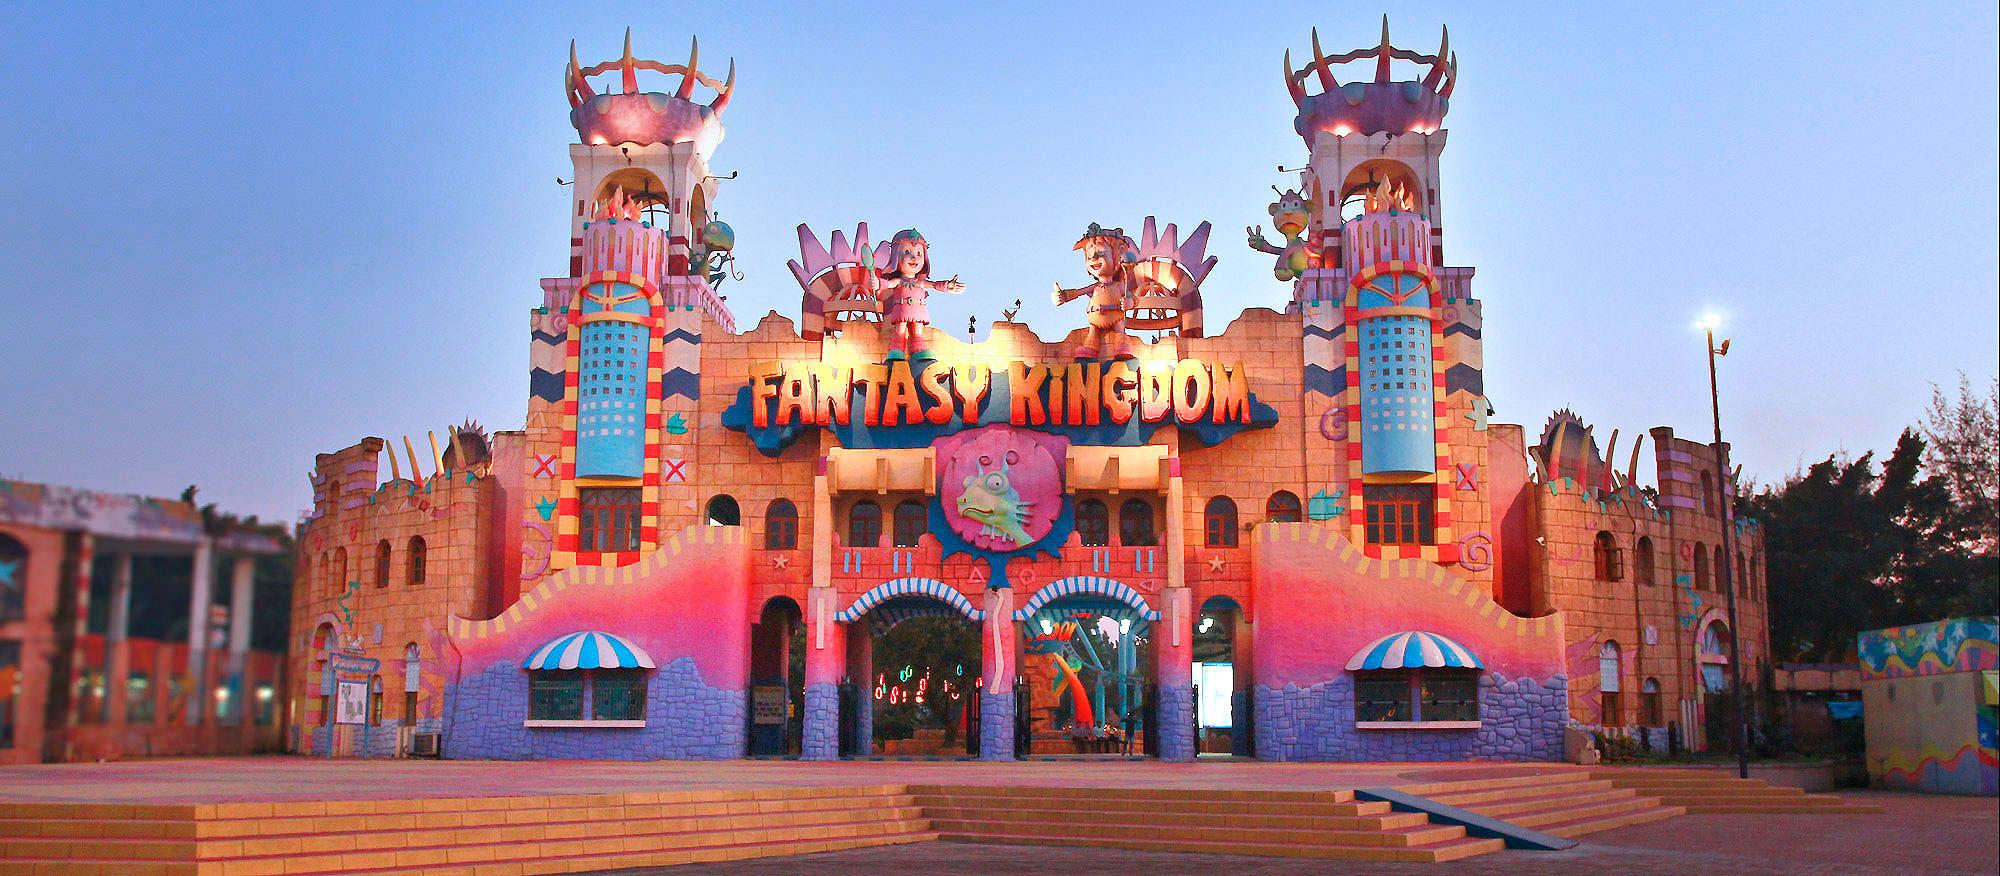 پنجمین شهربازی دبی  Fantasy Kingdom